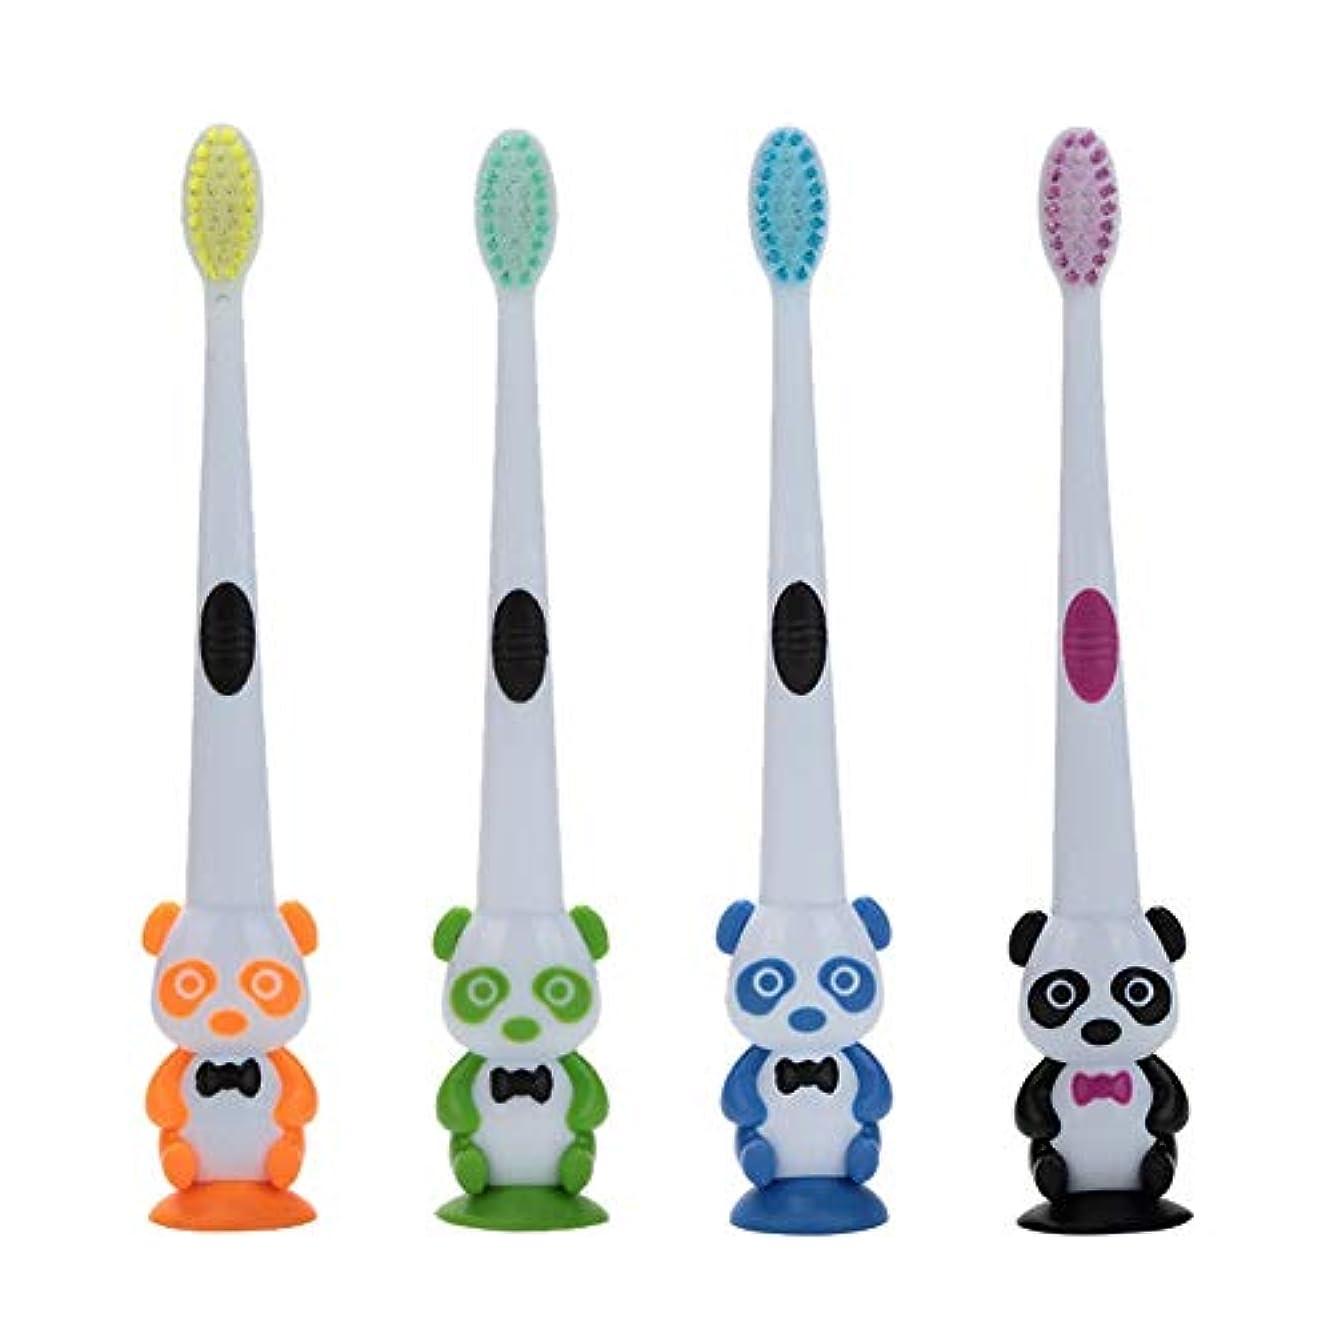 非常に私たち自身悪意Rad子供 赤ちゃん漫画パンダ形状ソフト歯ブラシ子供歯科口腔ケアブラシツール歯ブラシ